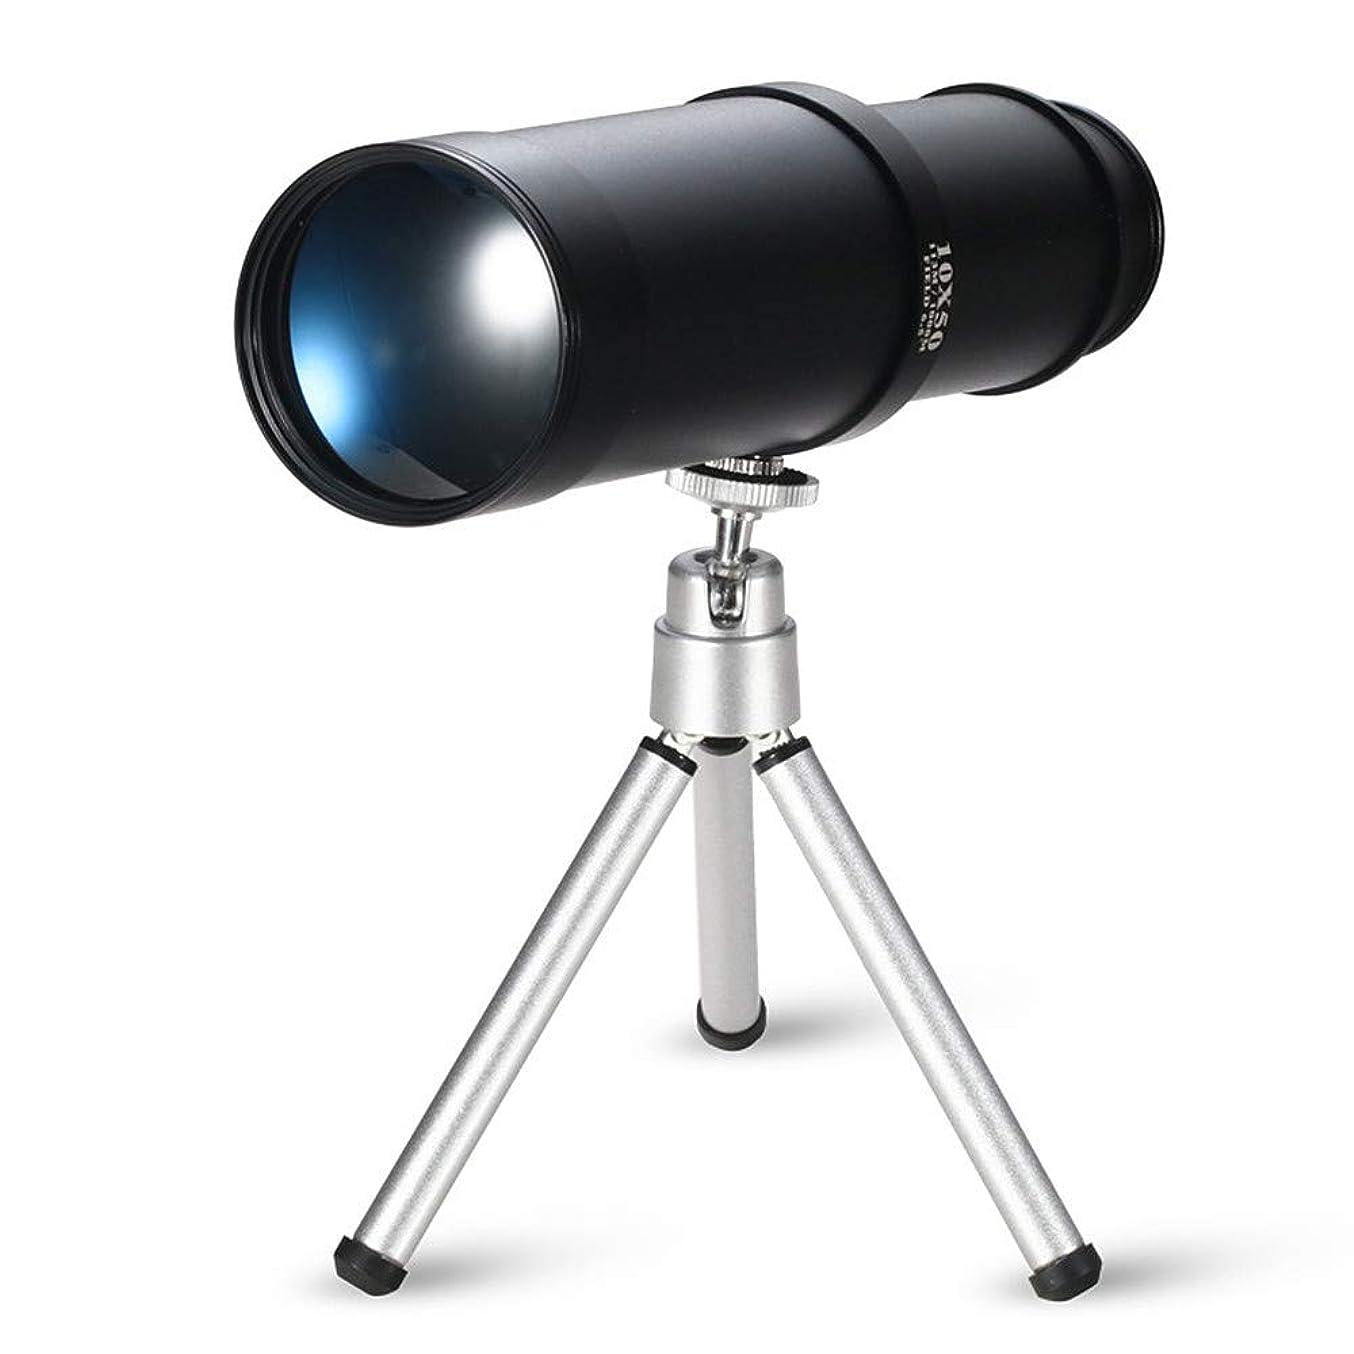 従事するアプローチフルーツ野菜HOOHLYLY スタンド望遠鏡付き単眼10X50 HD接着剤望遠鏡屋外での使用に適していますドーム/花火大会/スポーツ観戦/旅行/バードウォッチング/野球観戦 Professional after sales (色 : ブラック)